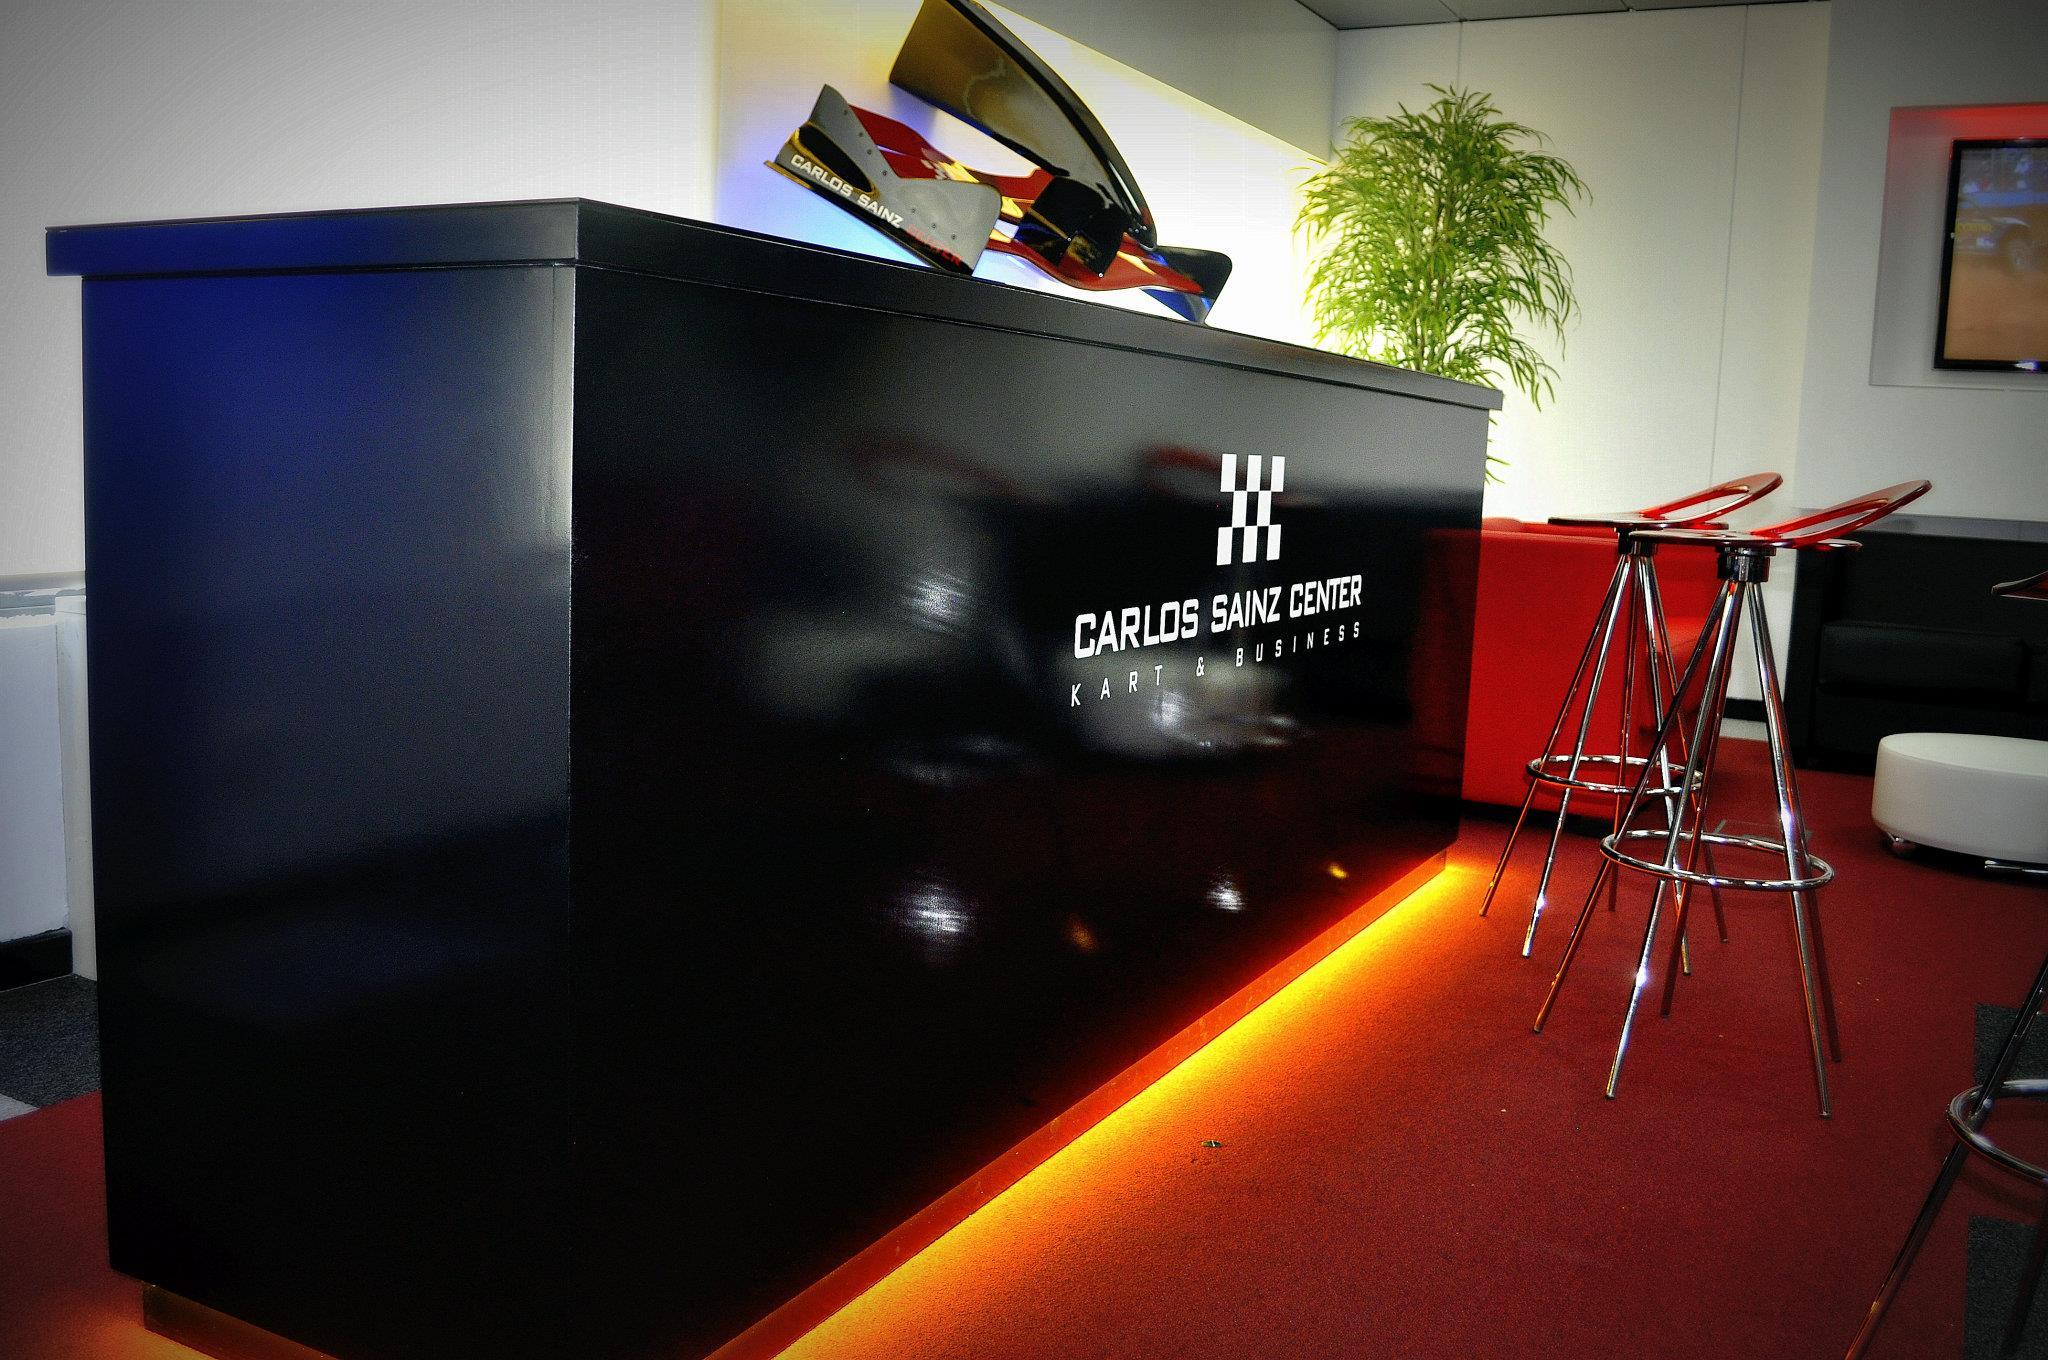 Carlos Sainz Center